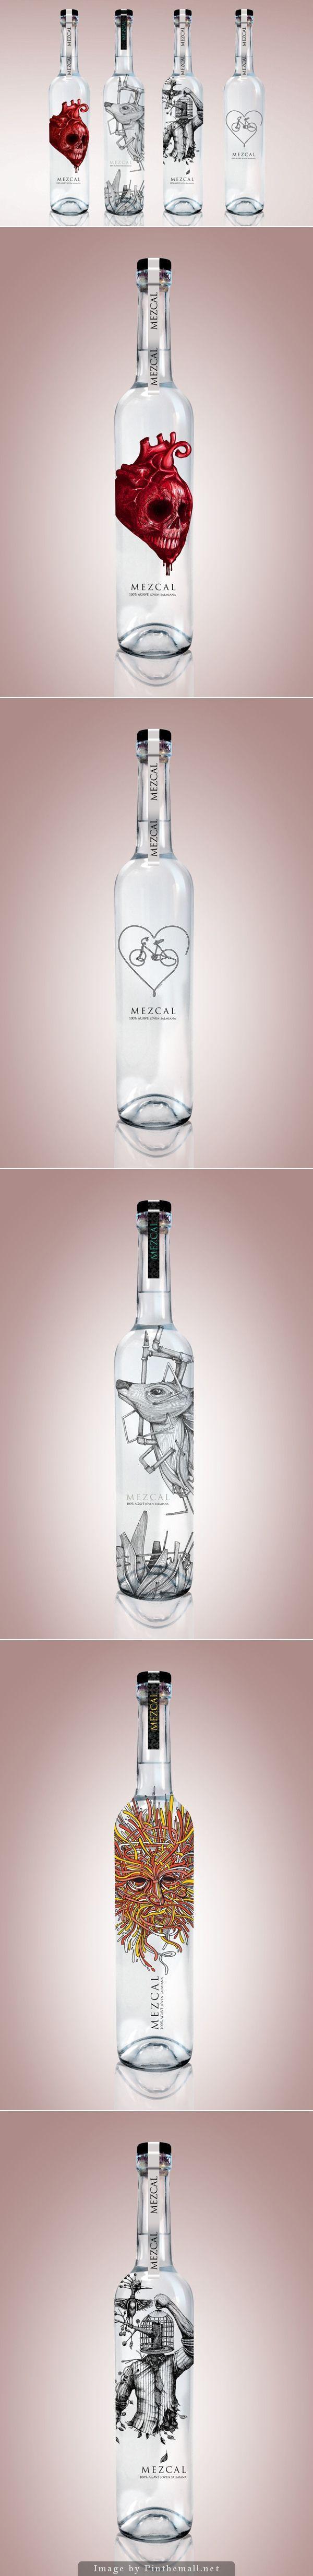 Mezcal Packaging on Behance | Fivestar Branding – Design and Branding Agency & Inspiration Gallery